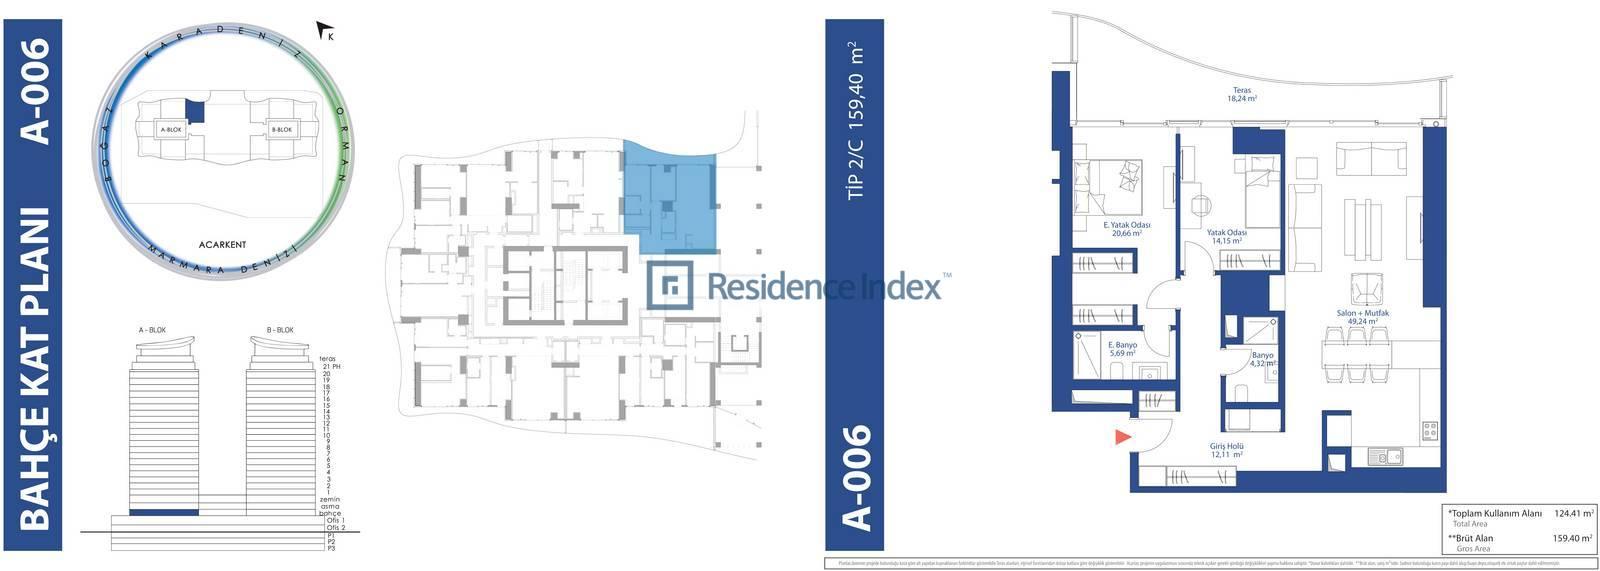 AcarBlu Residence Tip 2C